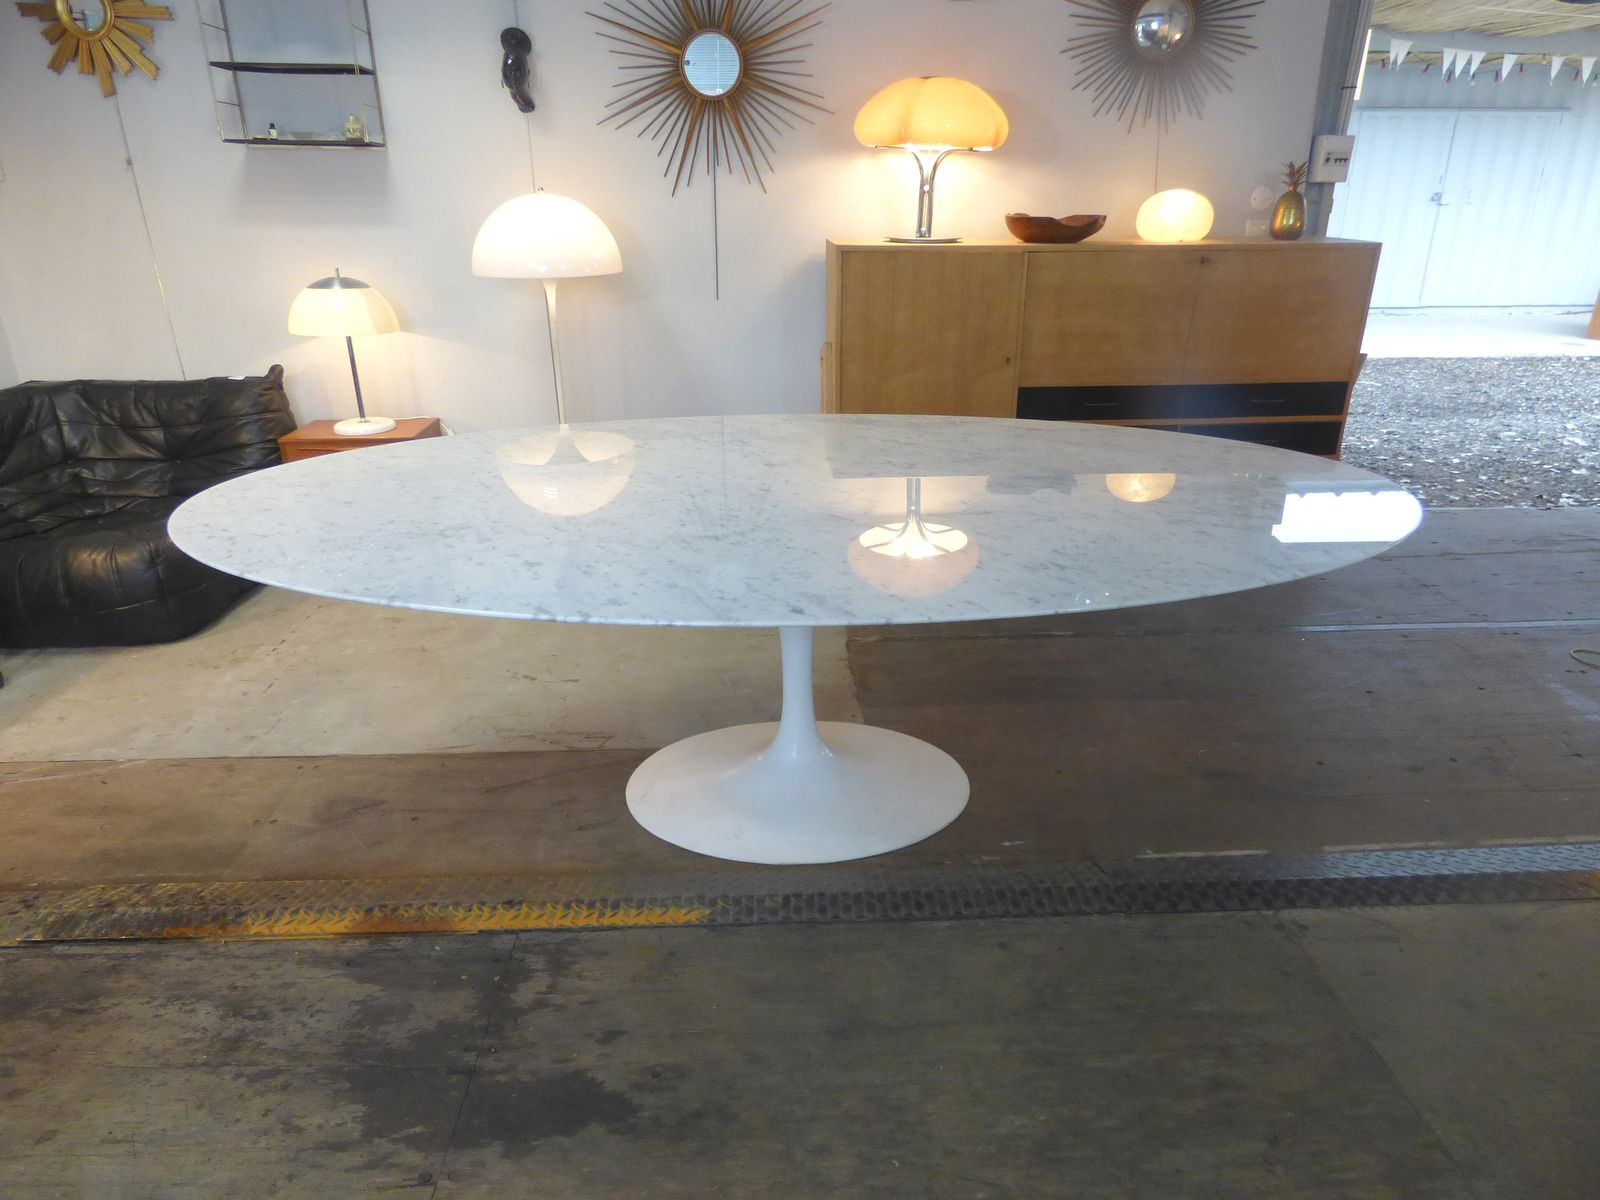 ovaler vintage carrara marmor tisch von eero saarinen f r knoll inc bei pamono kaufen. Black Bedroom Furniture Sets. Home Design Ideas